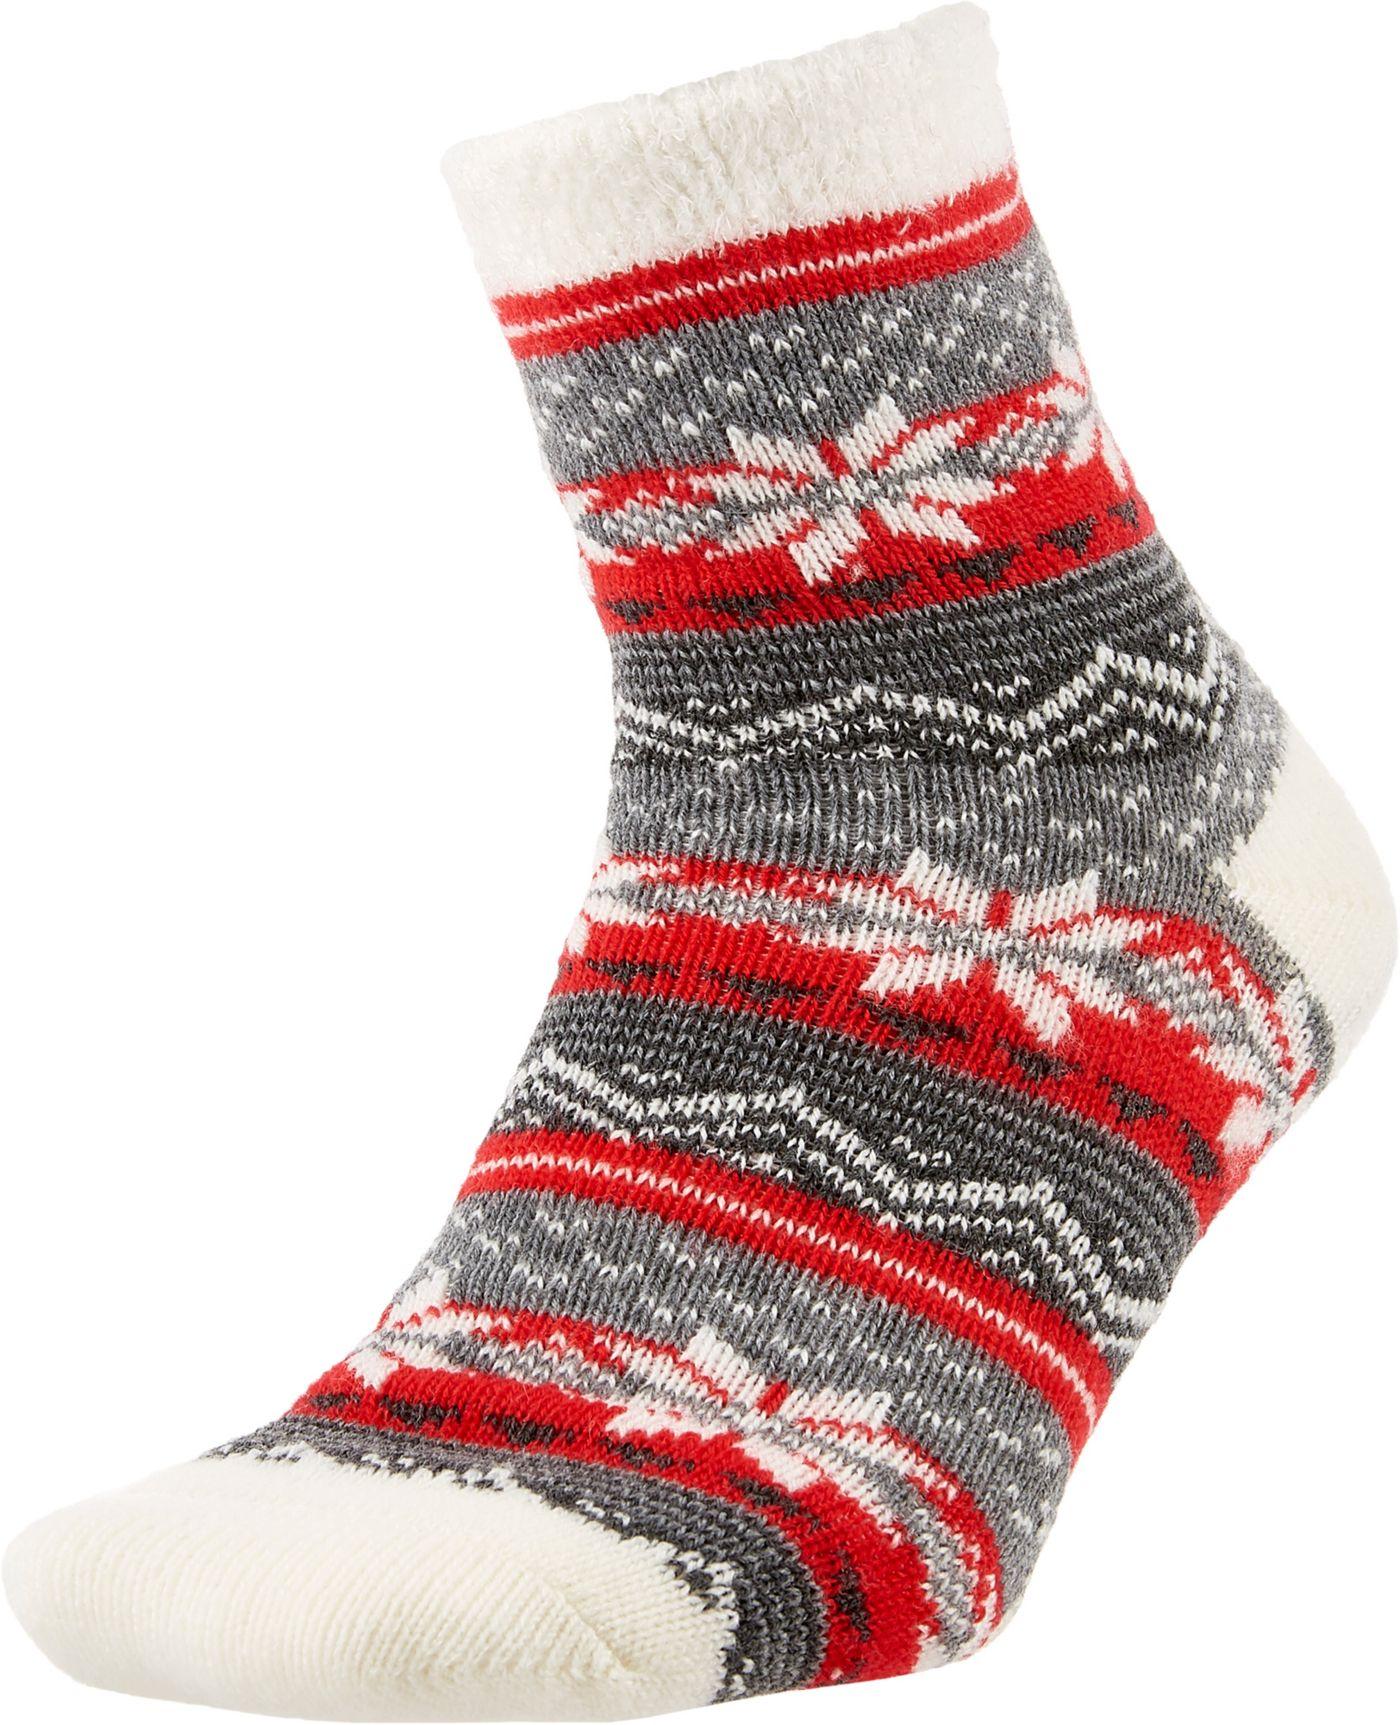 Field and Stream Women's Nordic Stripe Cozy Cabin Crew Socks